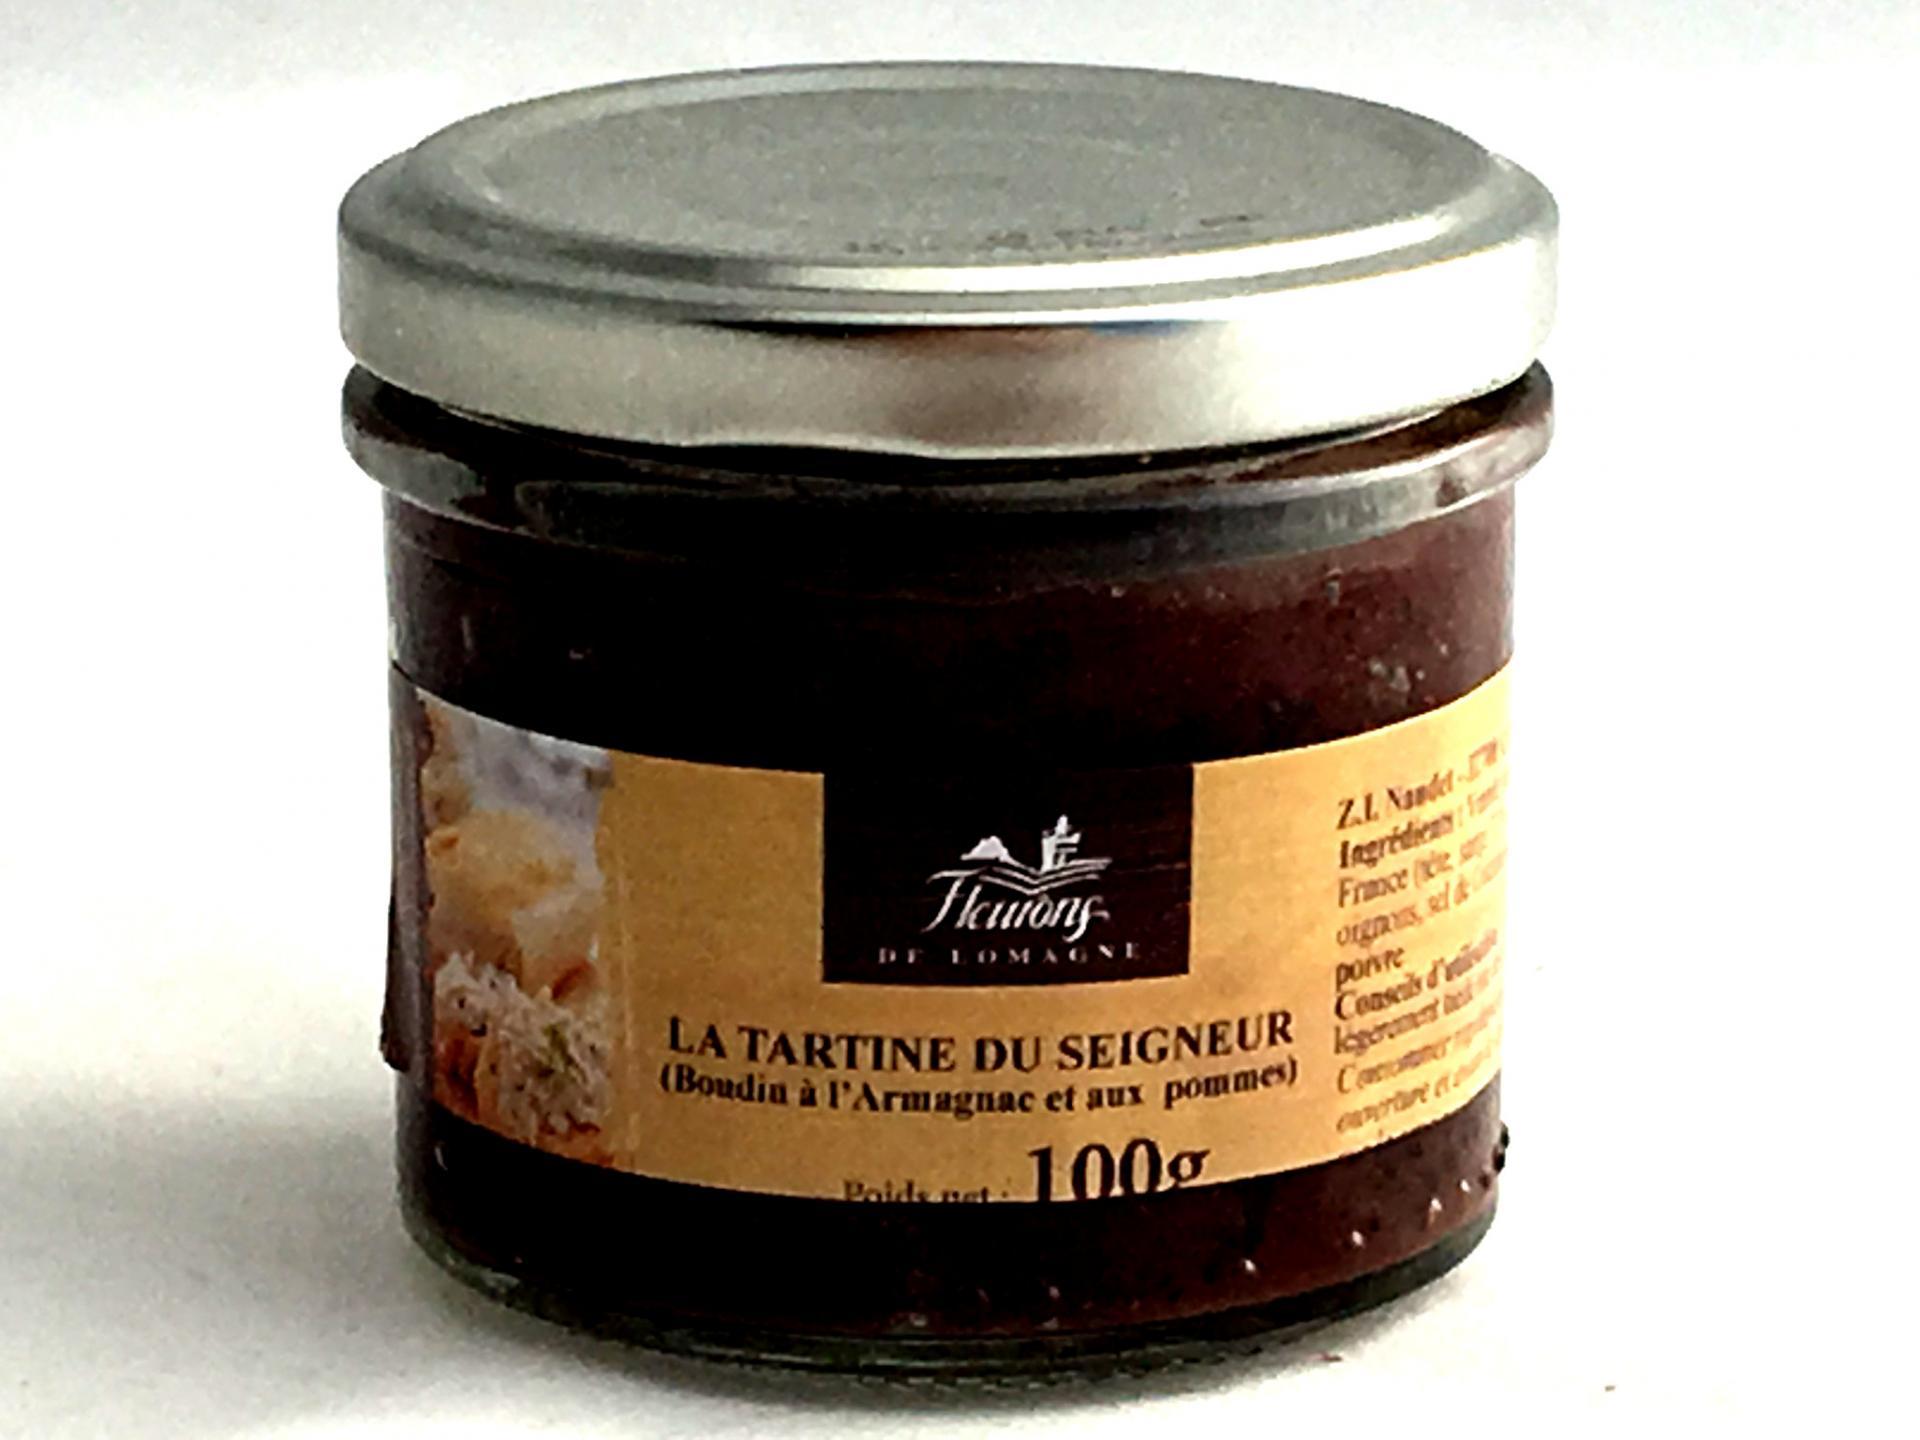 La tartine du seigneur boudin a l armagnac et aux pommes 100g bocal produits du terroir 2